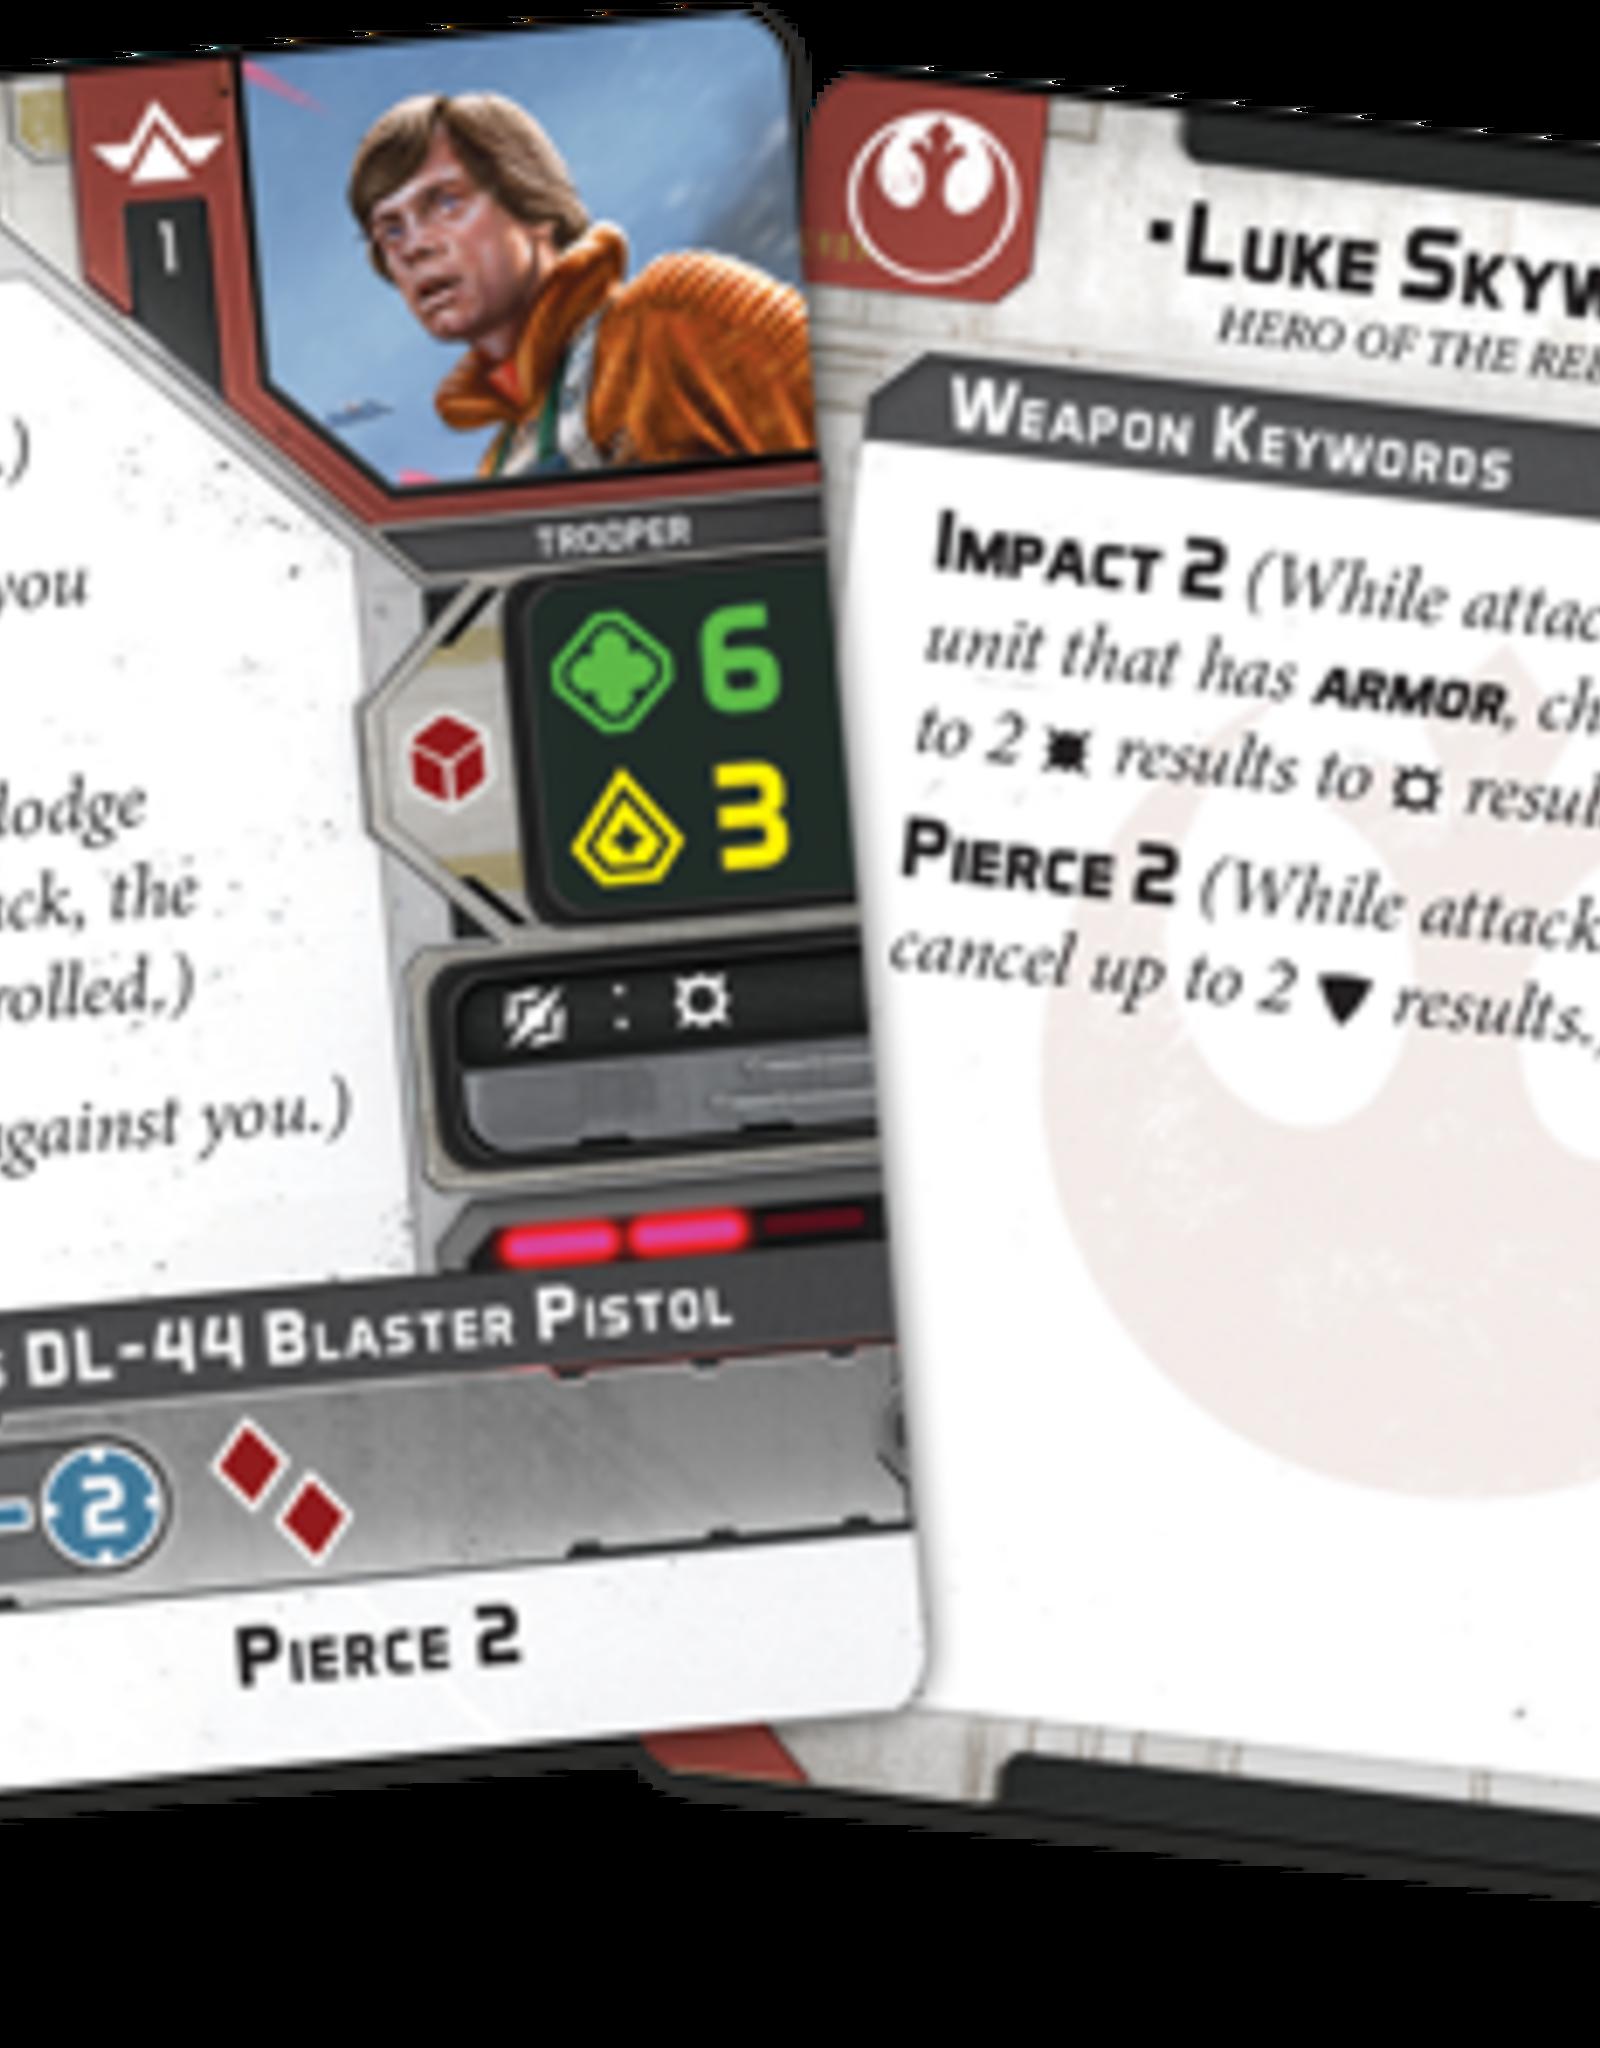 Luke Skywalker Commander Expansion - Limited Edition